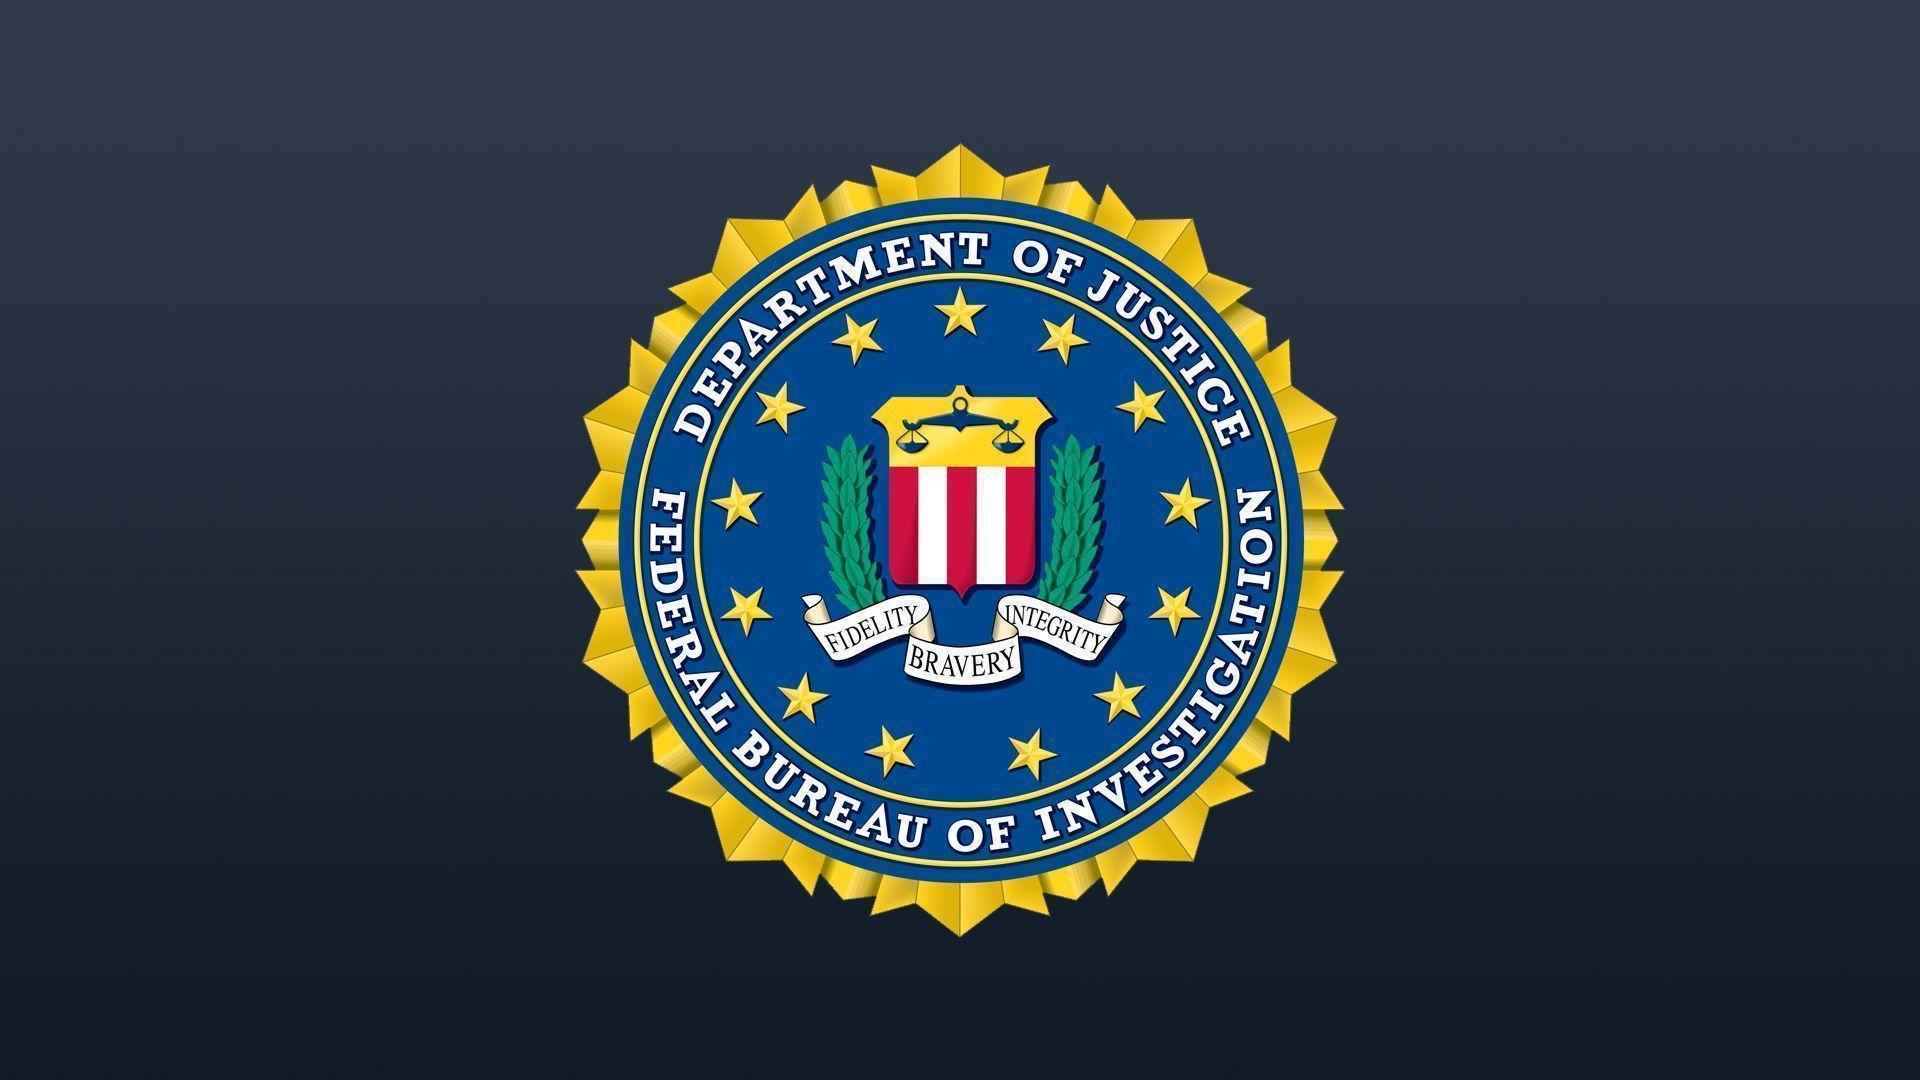 Fbi wallpapers wallpaper cave - Fbi badge wallpaper ...